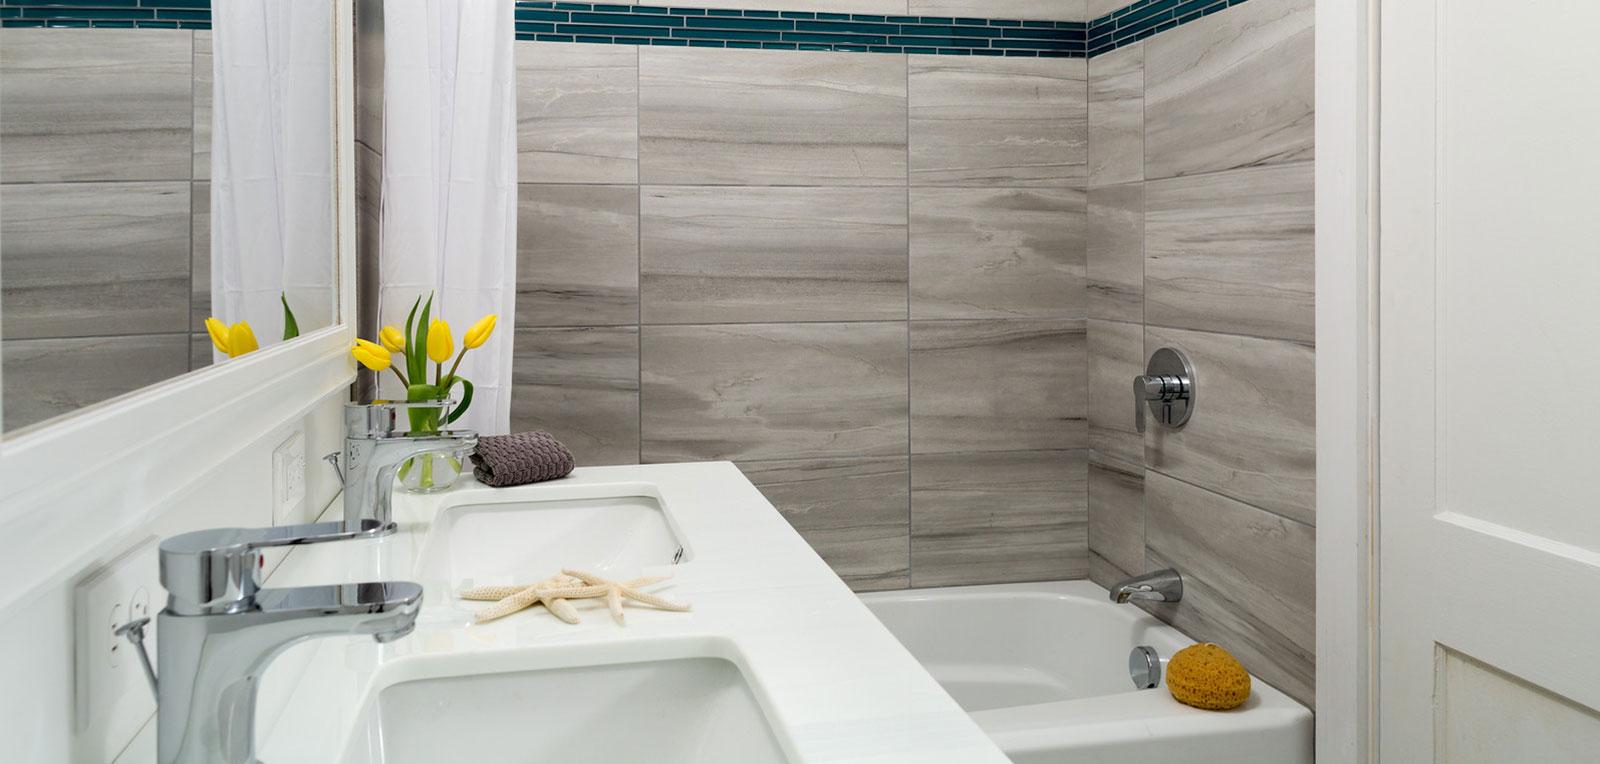 2BR Apartment Bathroom | ADMIRAL SIMS B&B, Newport Rhode Island